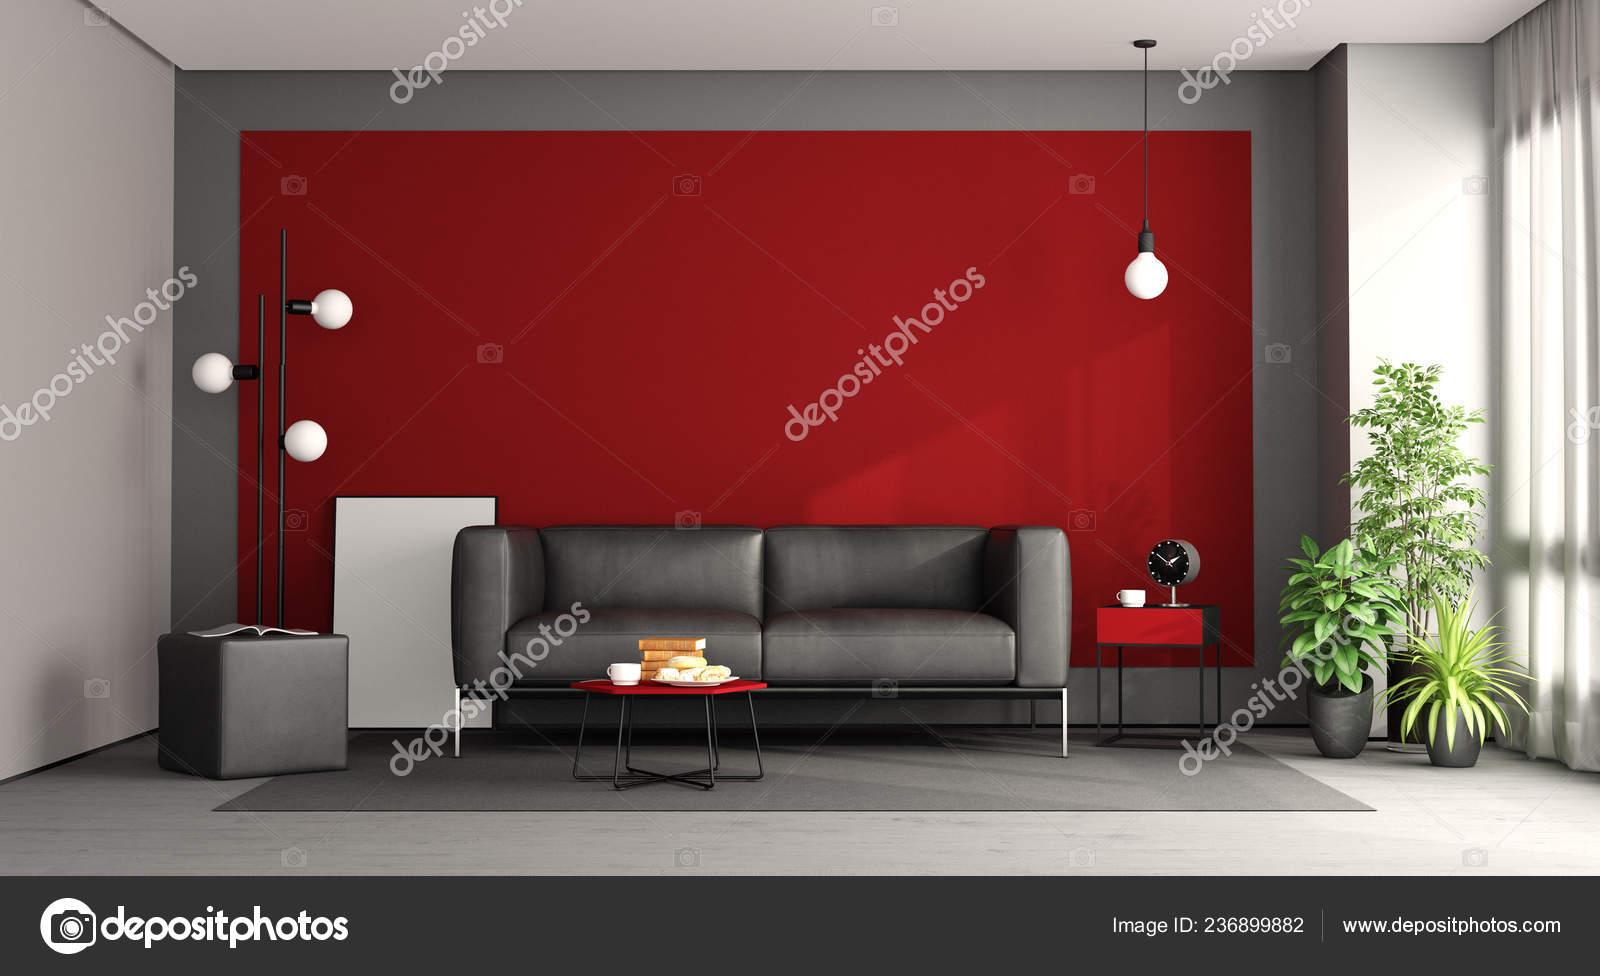 Wohnzimmer Mit Schwarzen Sofa Gegen Rote Wand Rendering — Stockfoto ...